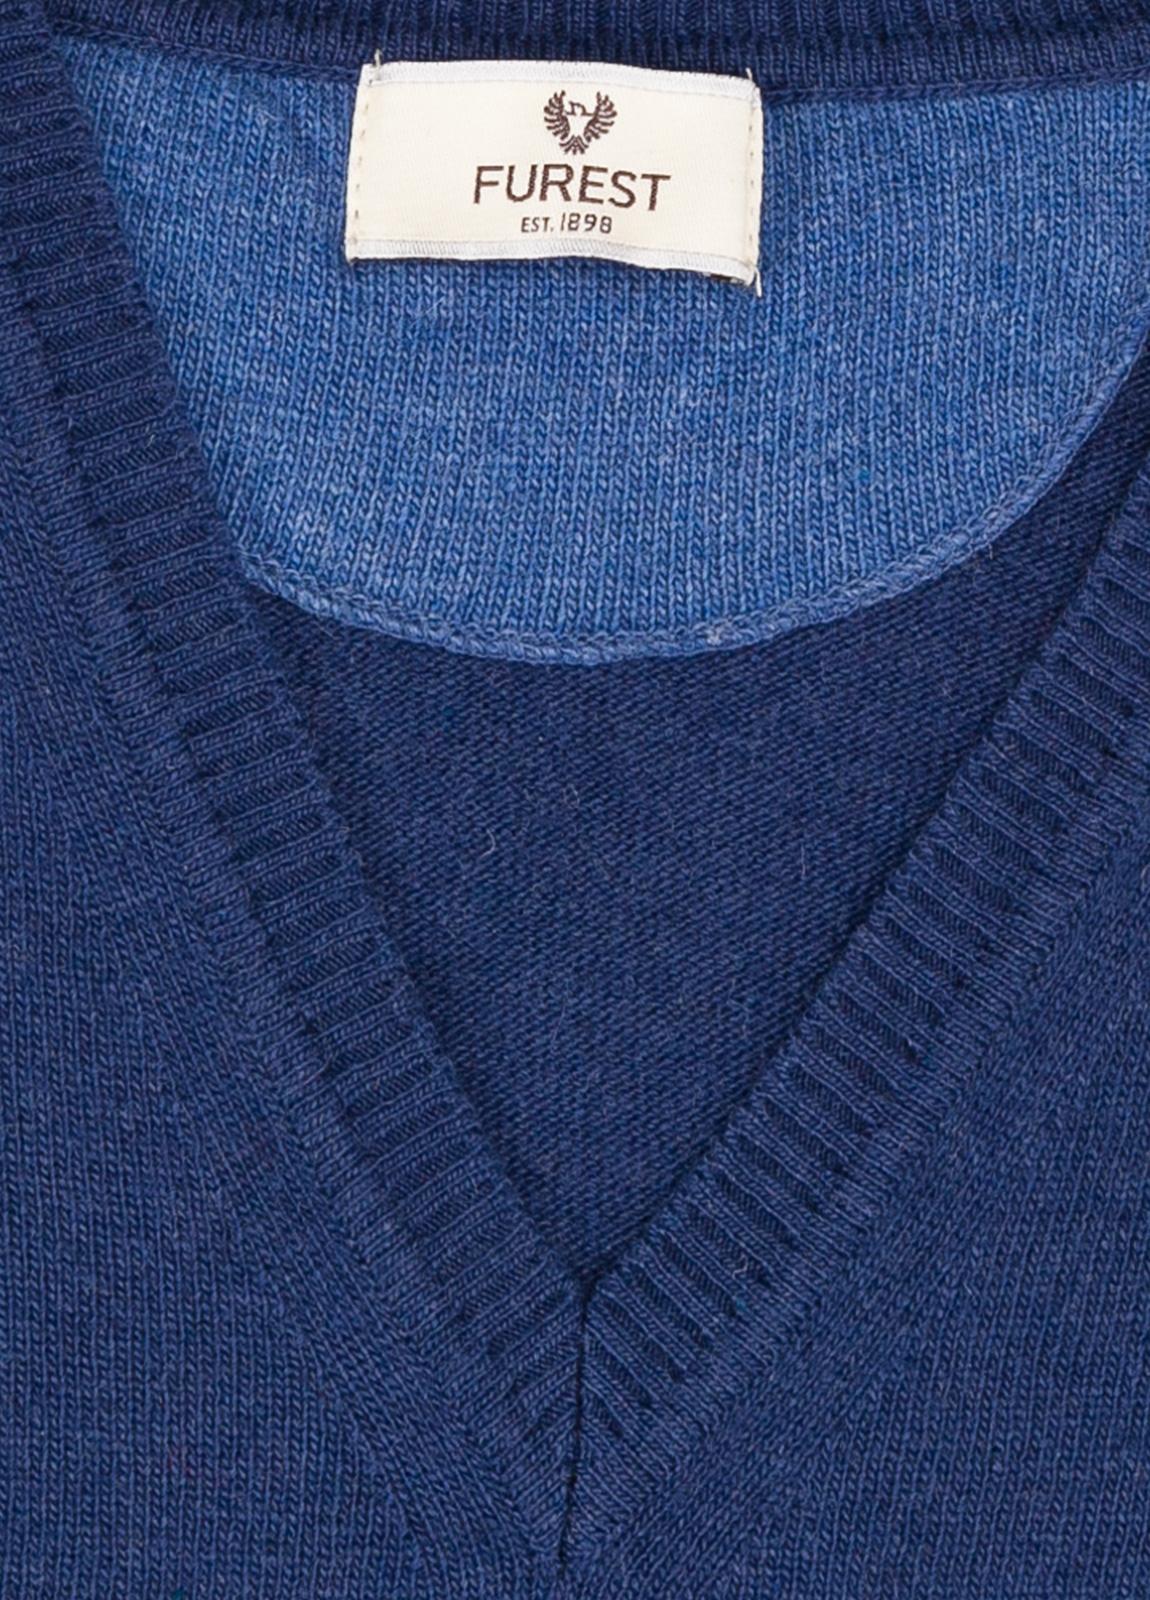 Jersey liso cuello pico color azul medio, 40% lana merino, 20% viscosa, 10% cachemire